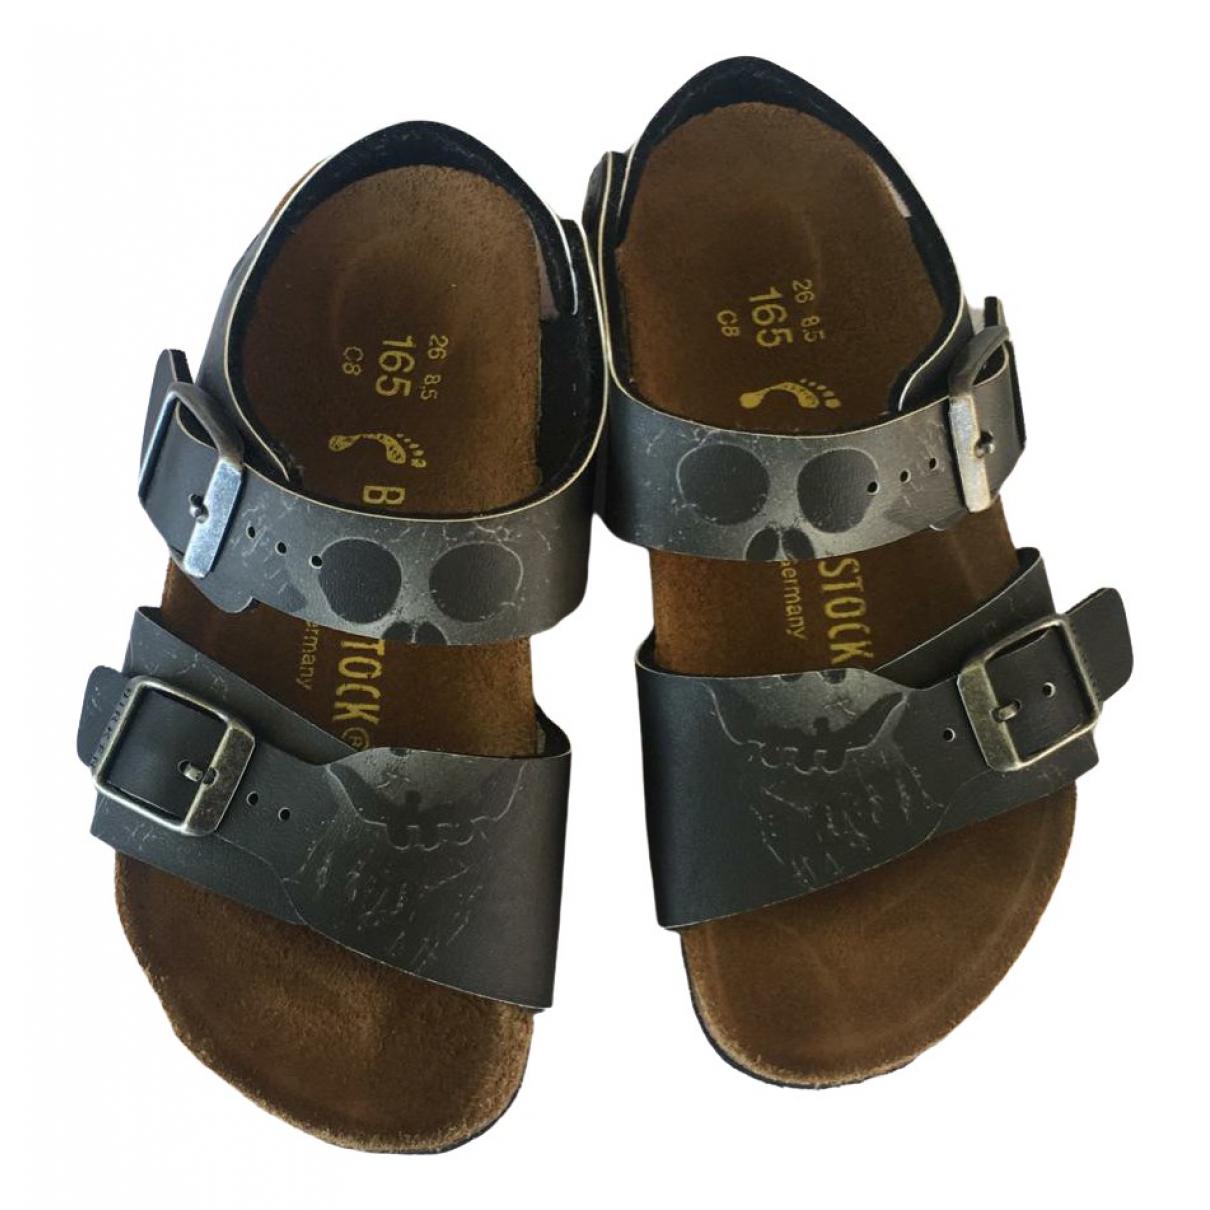 Birkenstock - Sandales   pour enfant en cuir - multicolore